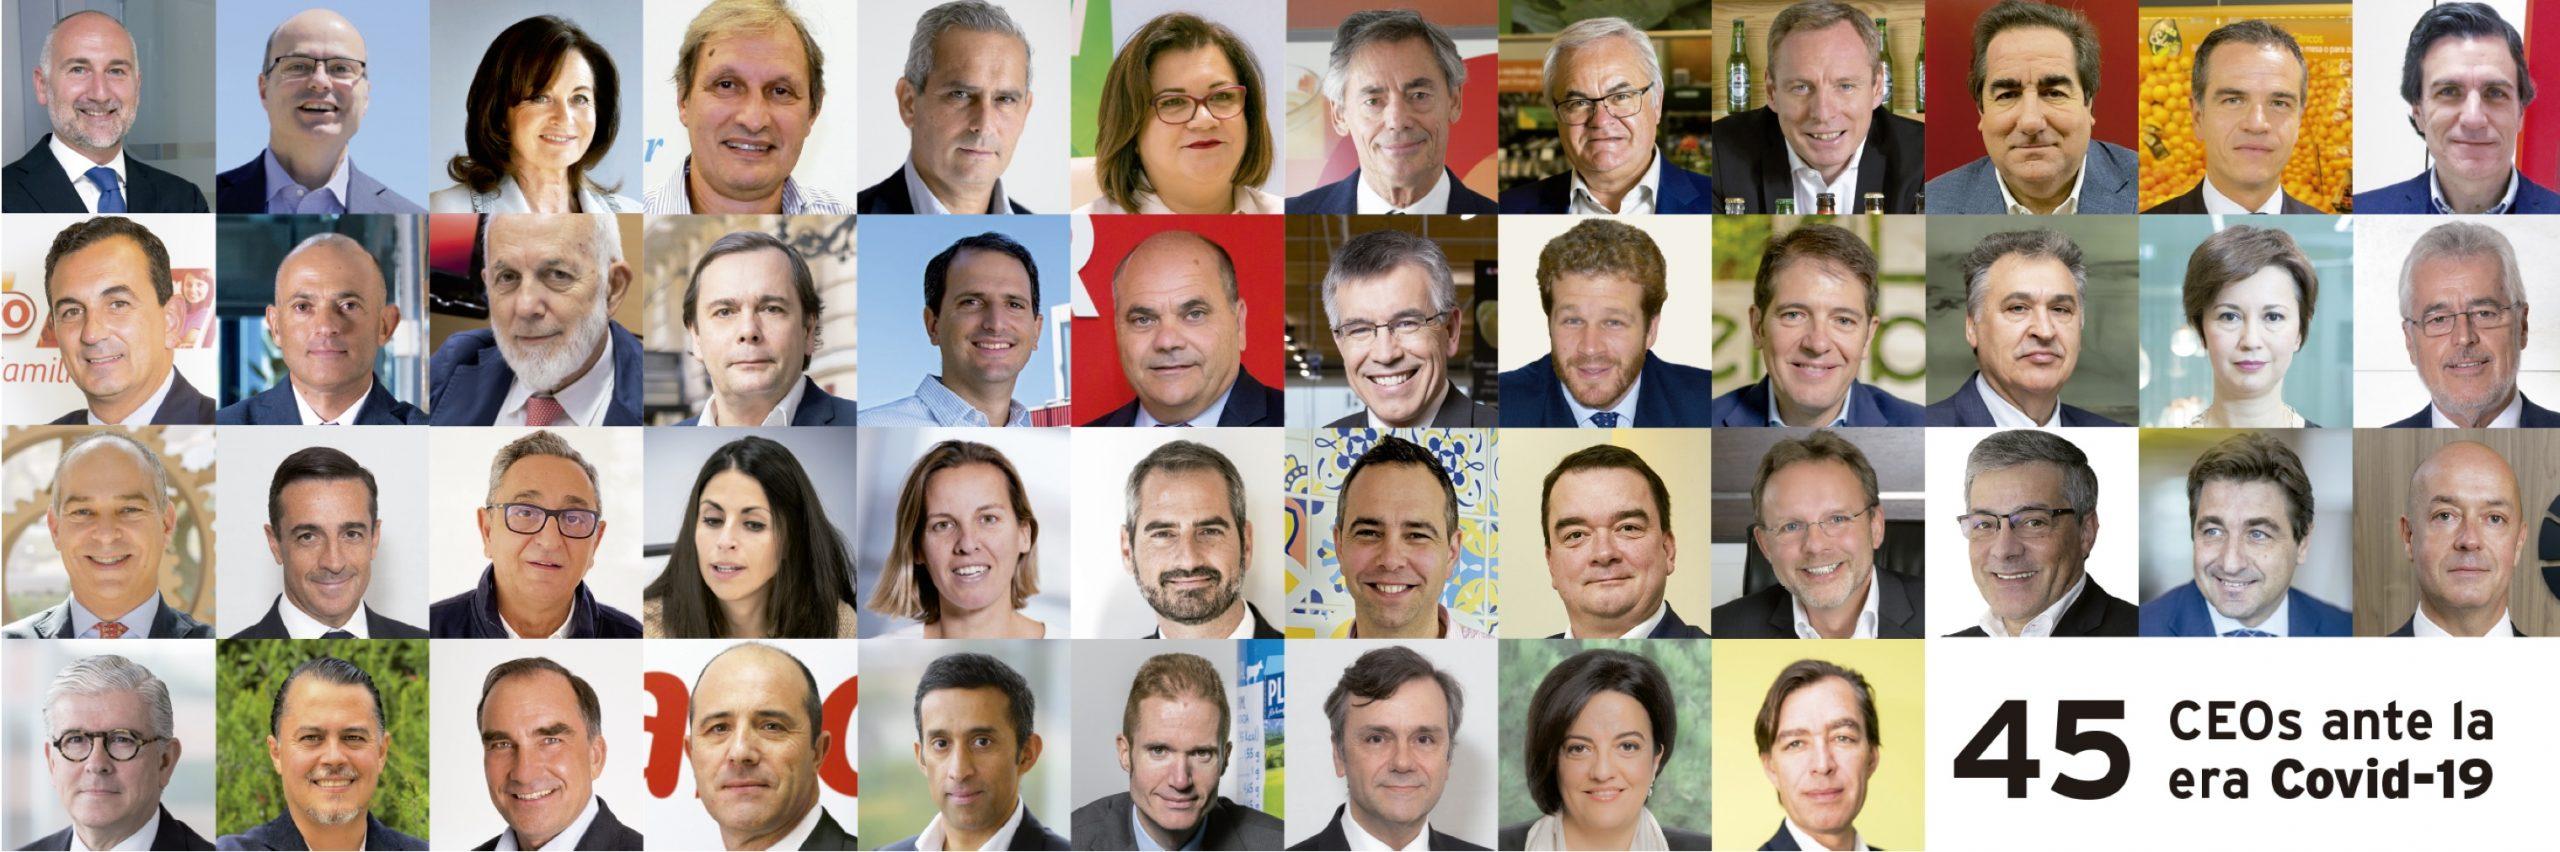 45 CEOs ante la era Covid